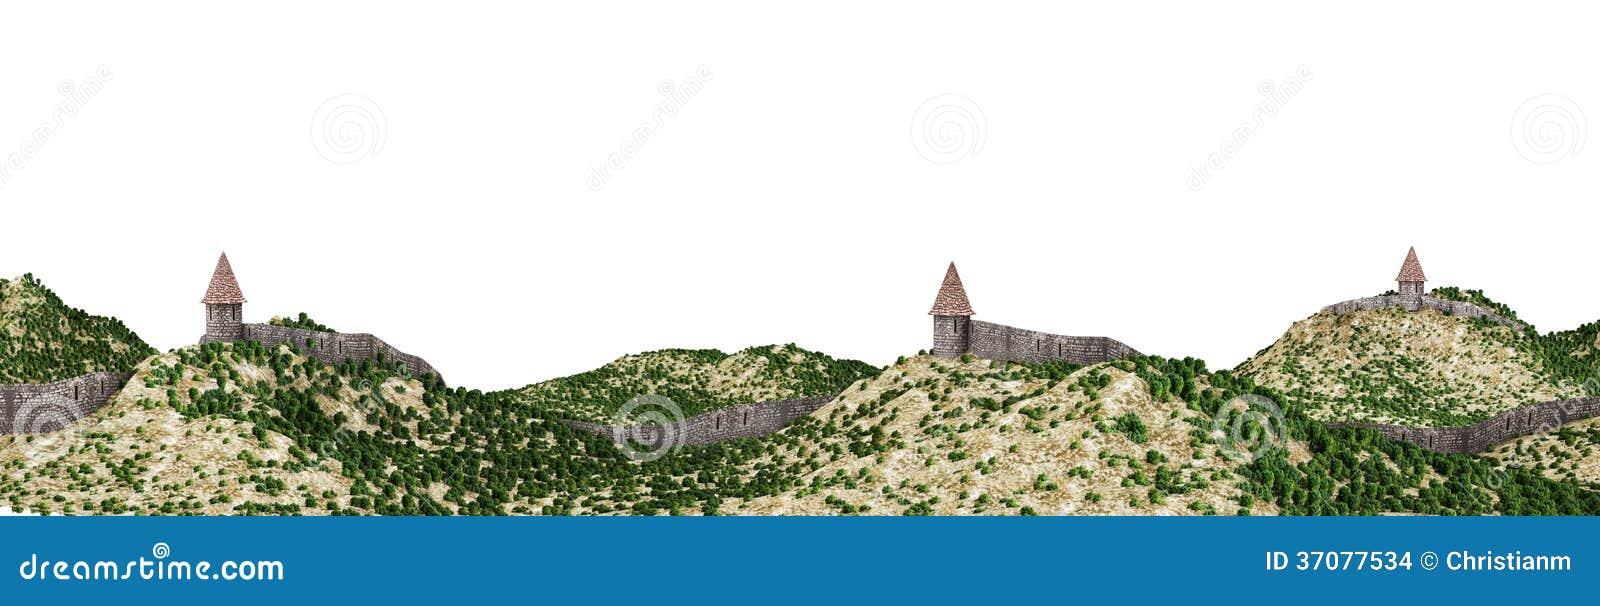 Download Kasztel ściany ilustracji. Ilustracja złożonej z ograniczenie - 37077534